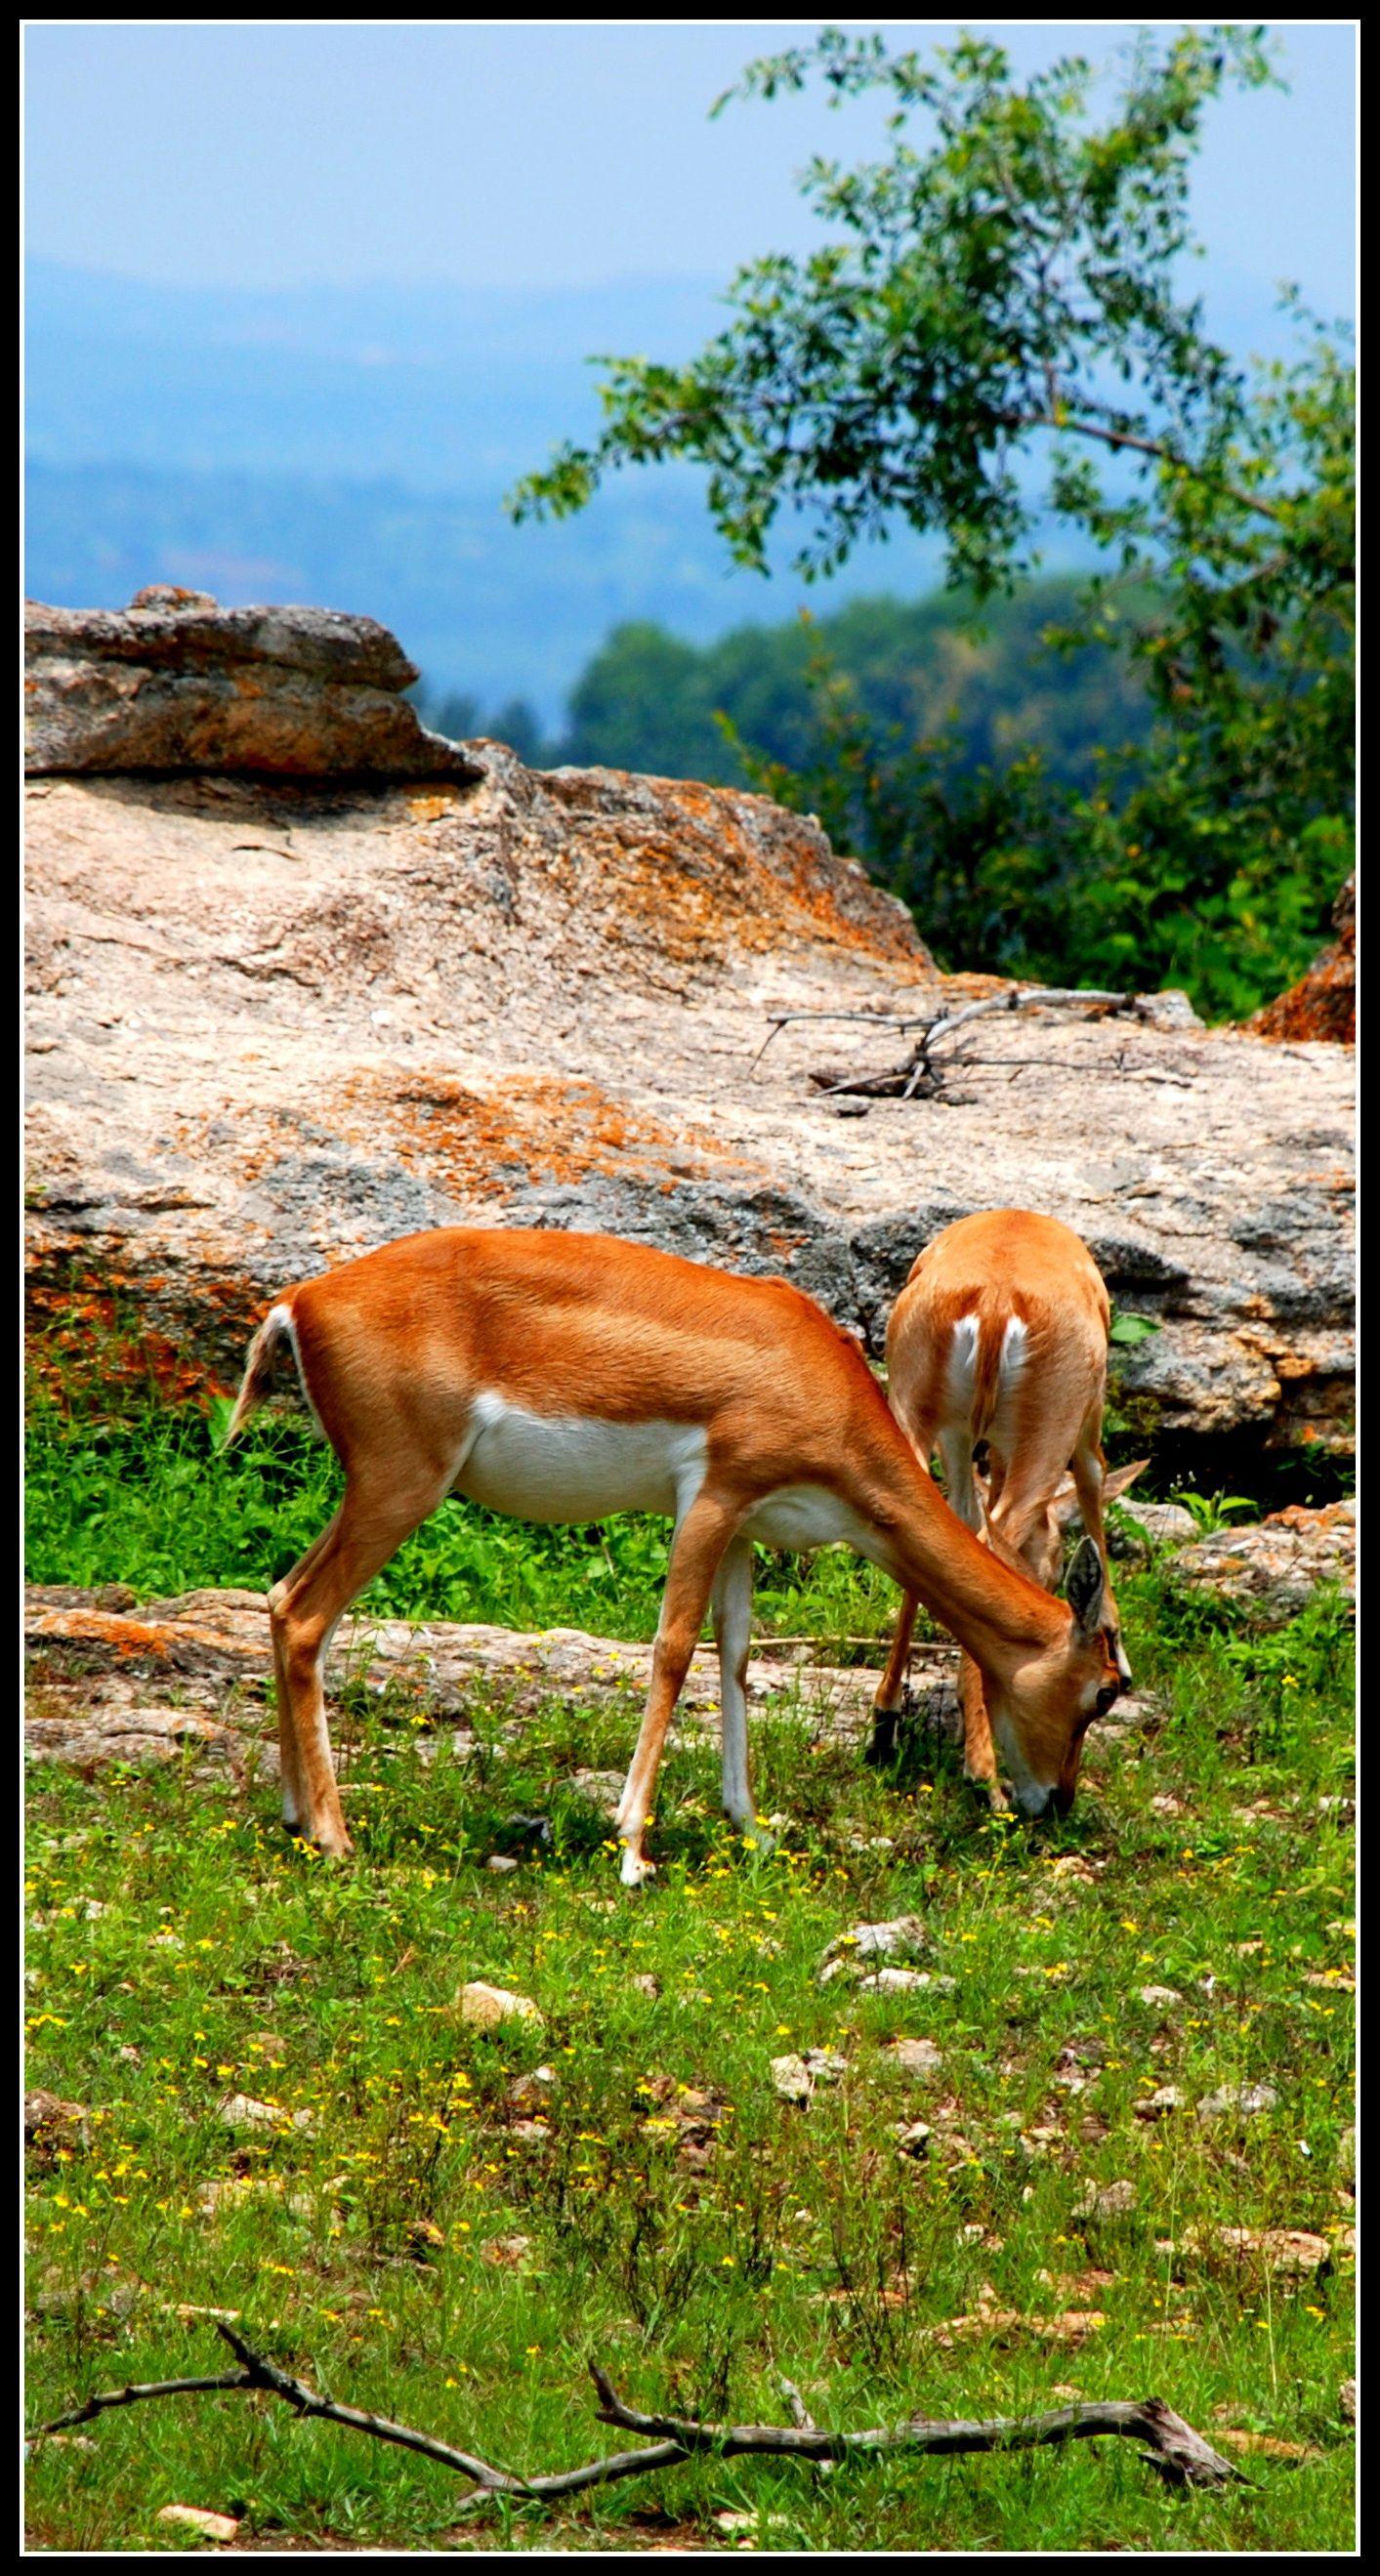 Bangalore Animals, Nature, Wild